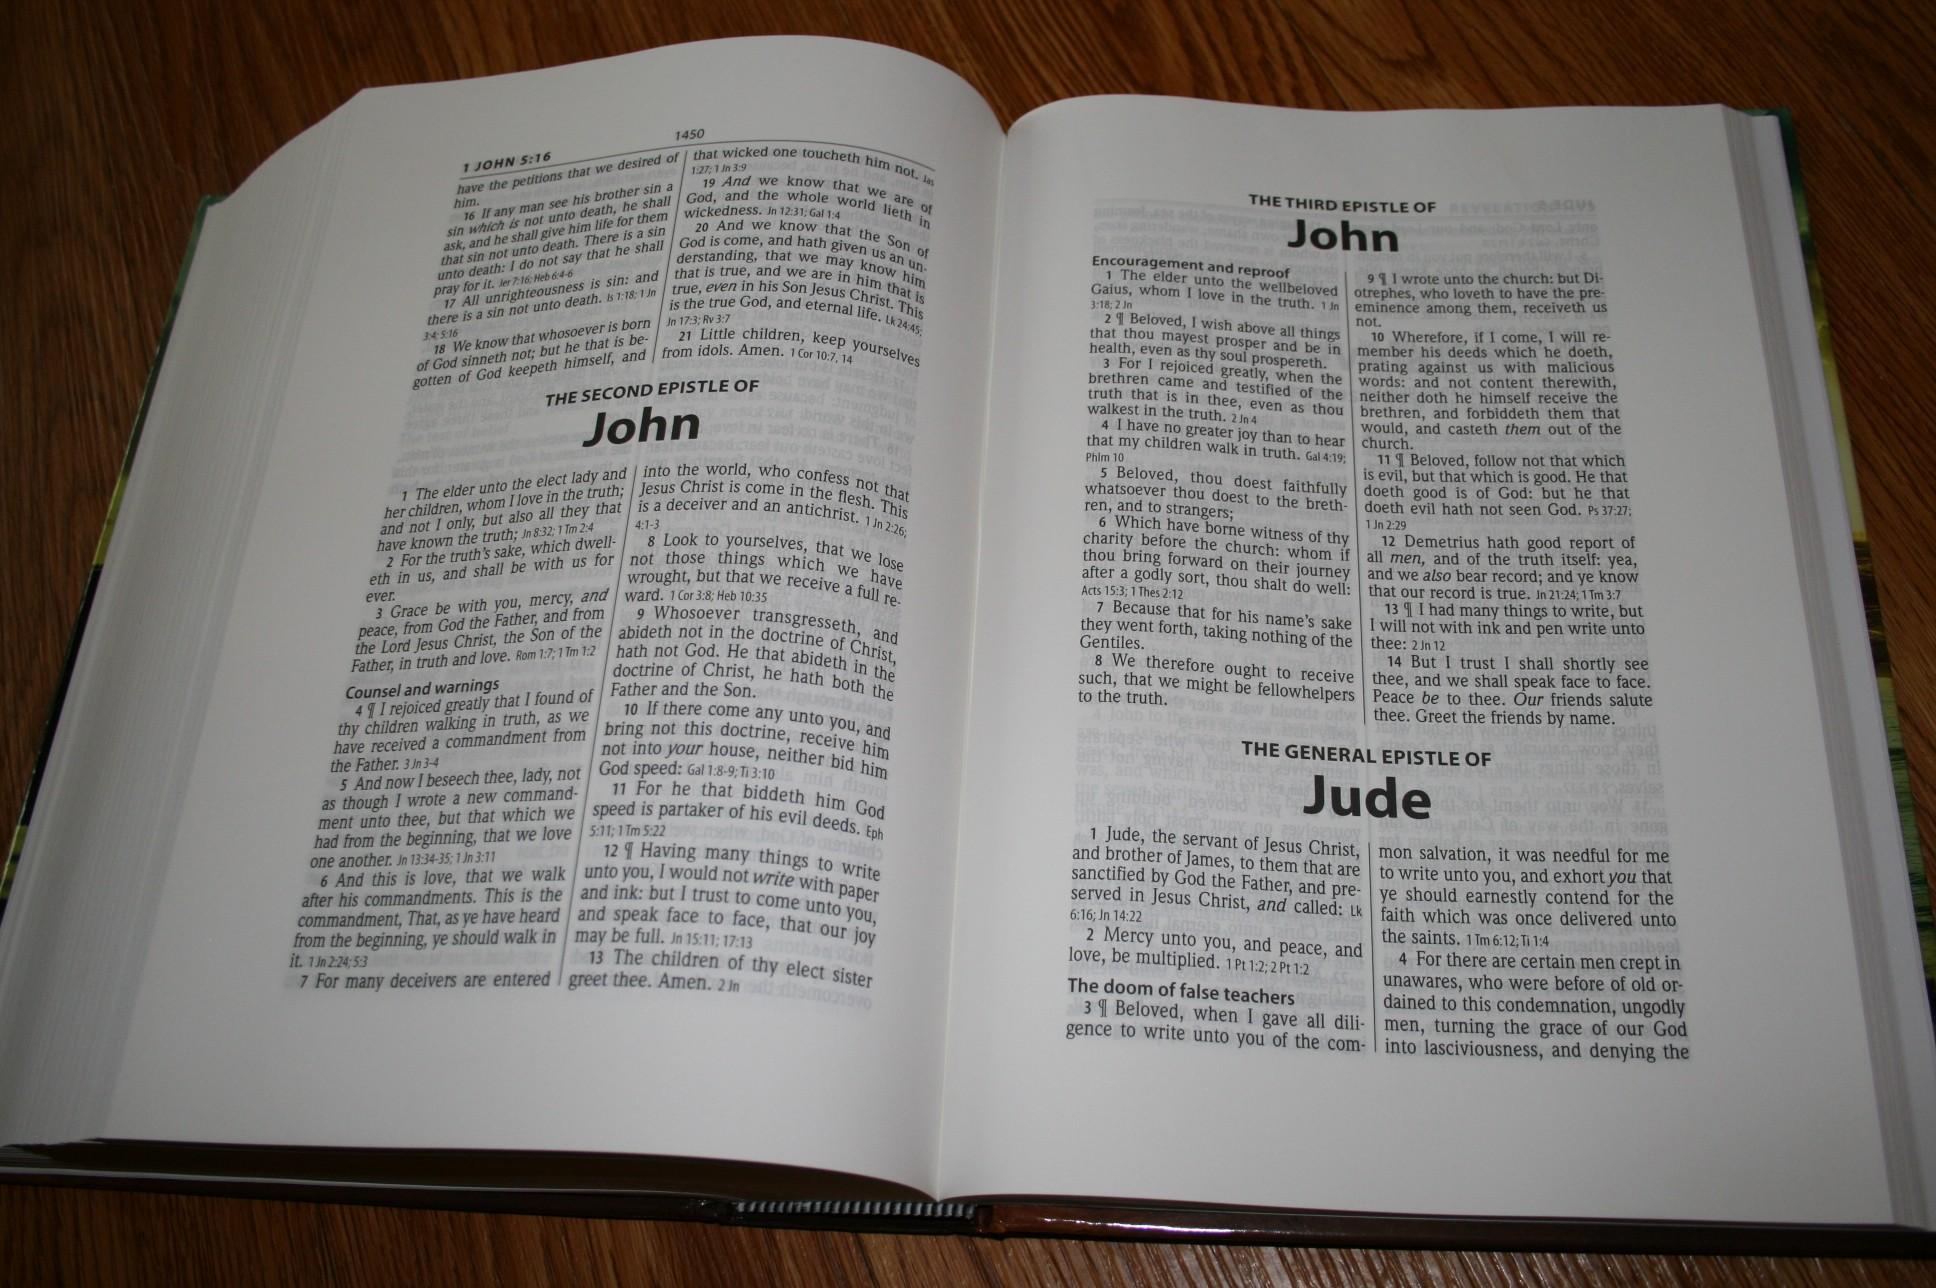 hendrickson large print wide margin bible kjv